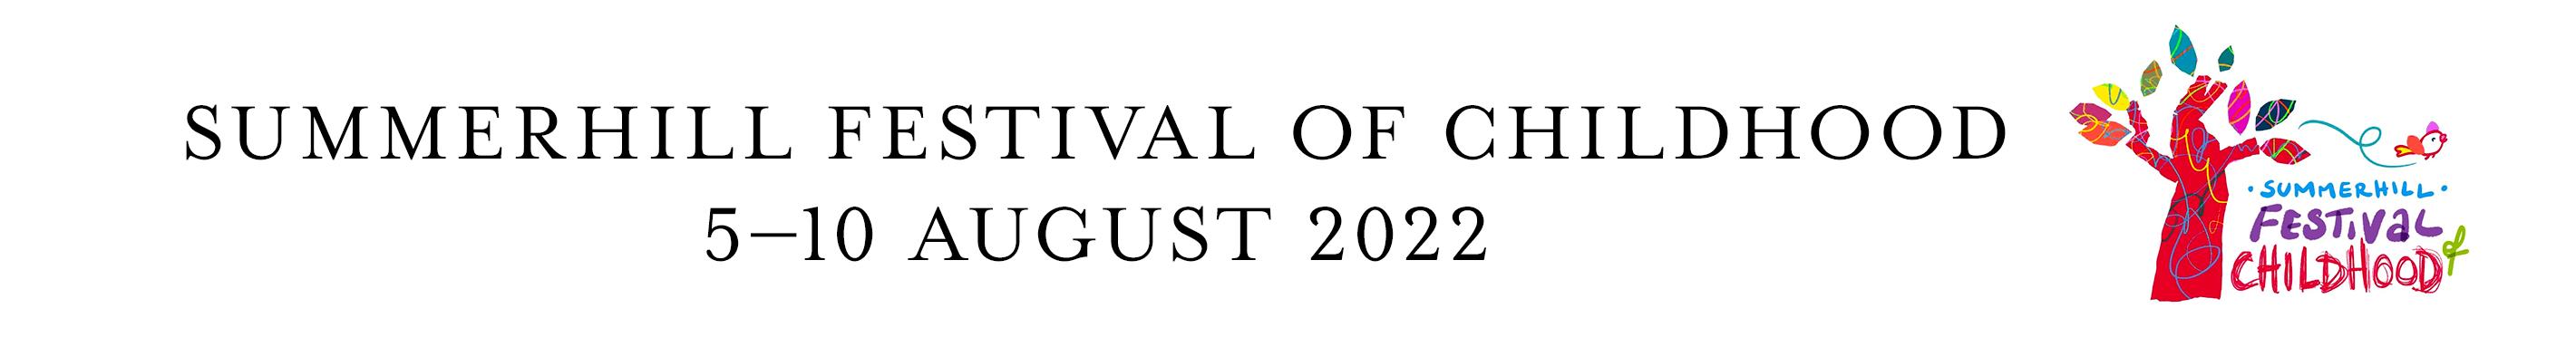 Summerhill Festival of Childhood - 5-10 August 2022